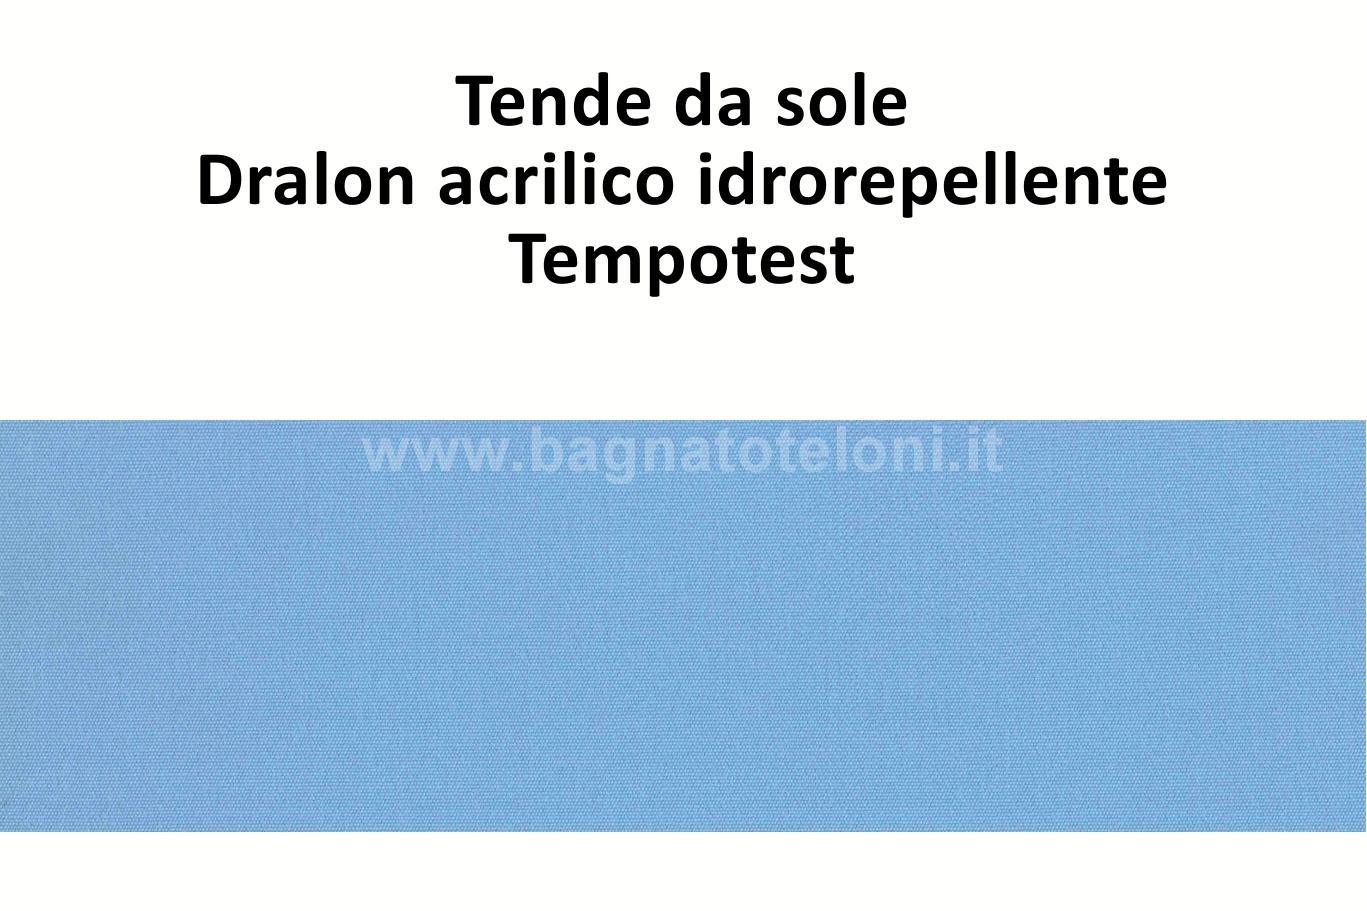 tende da sole dralon acrilico idrorepellente azzurro